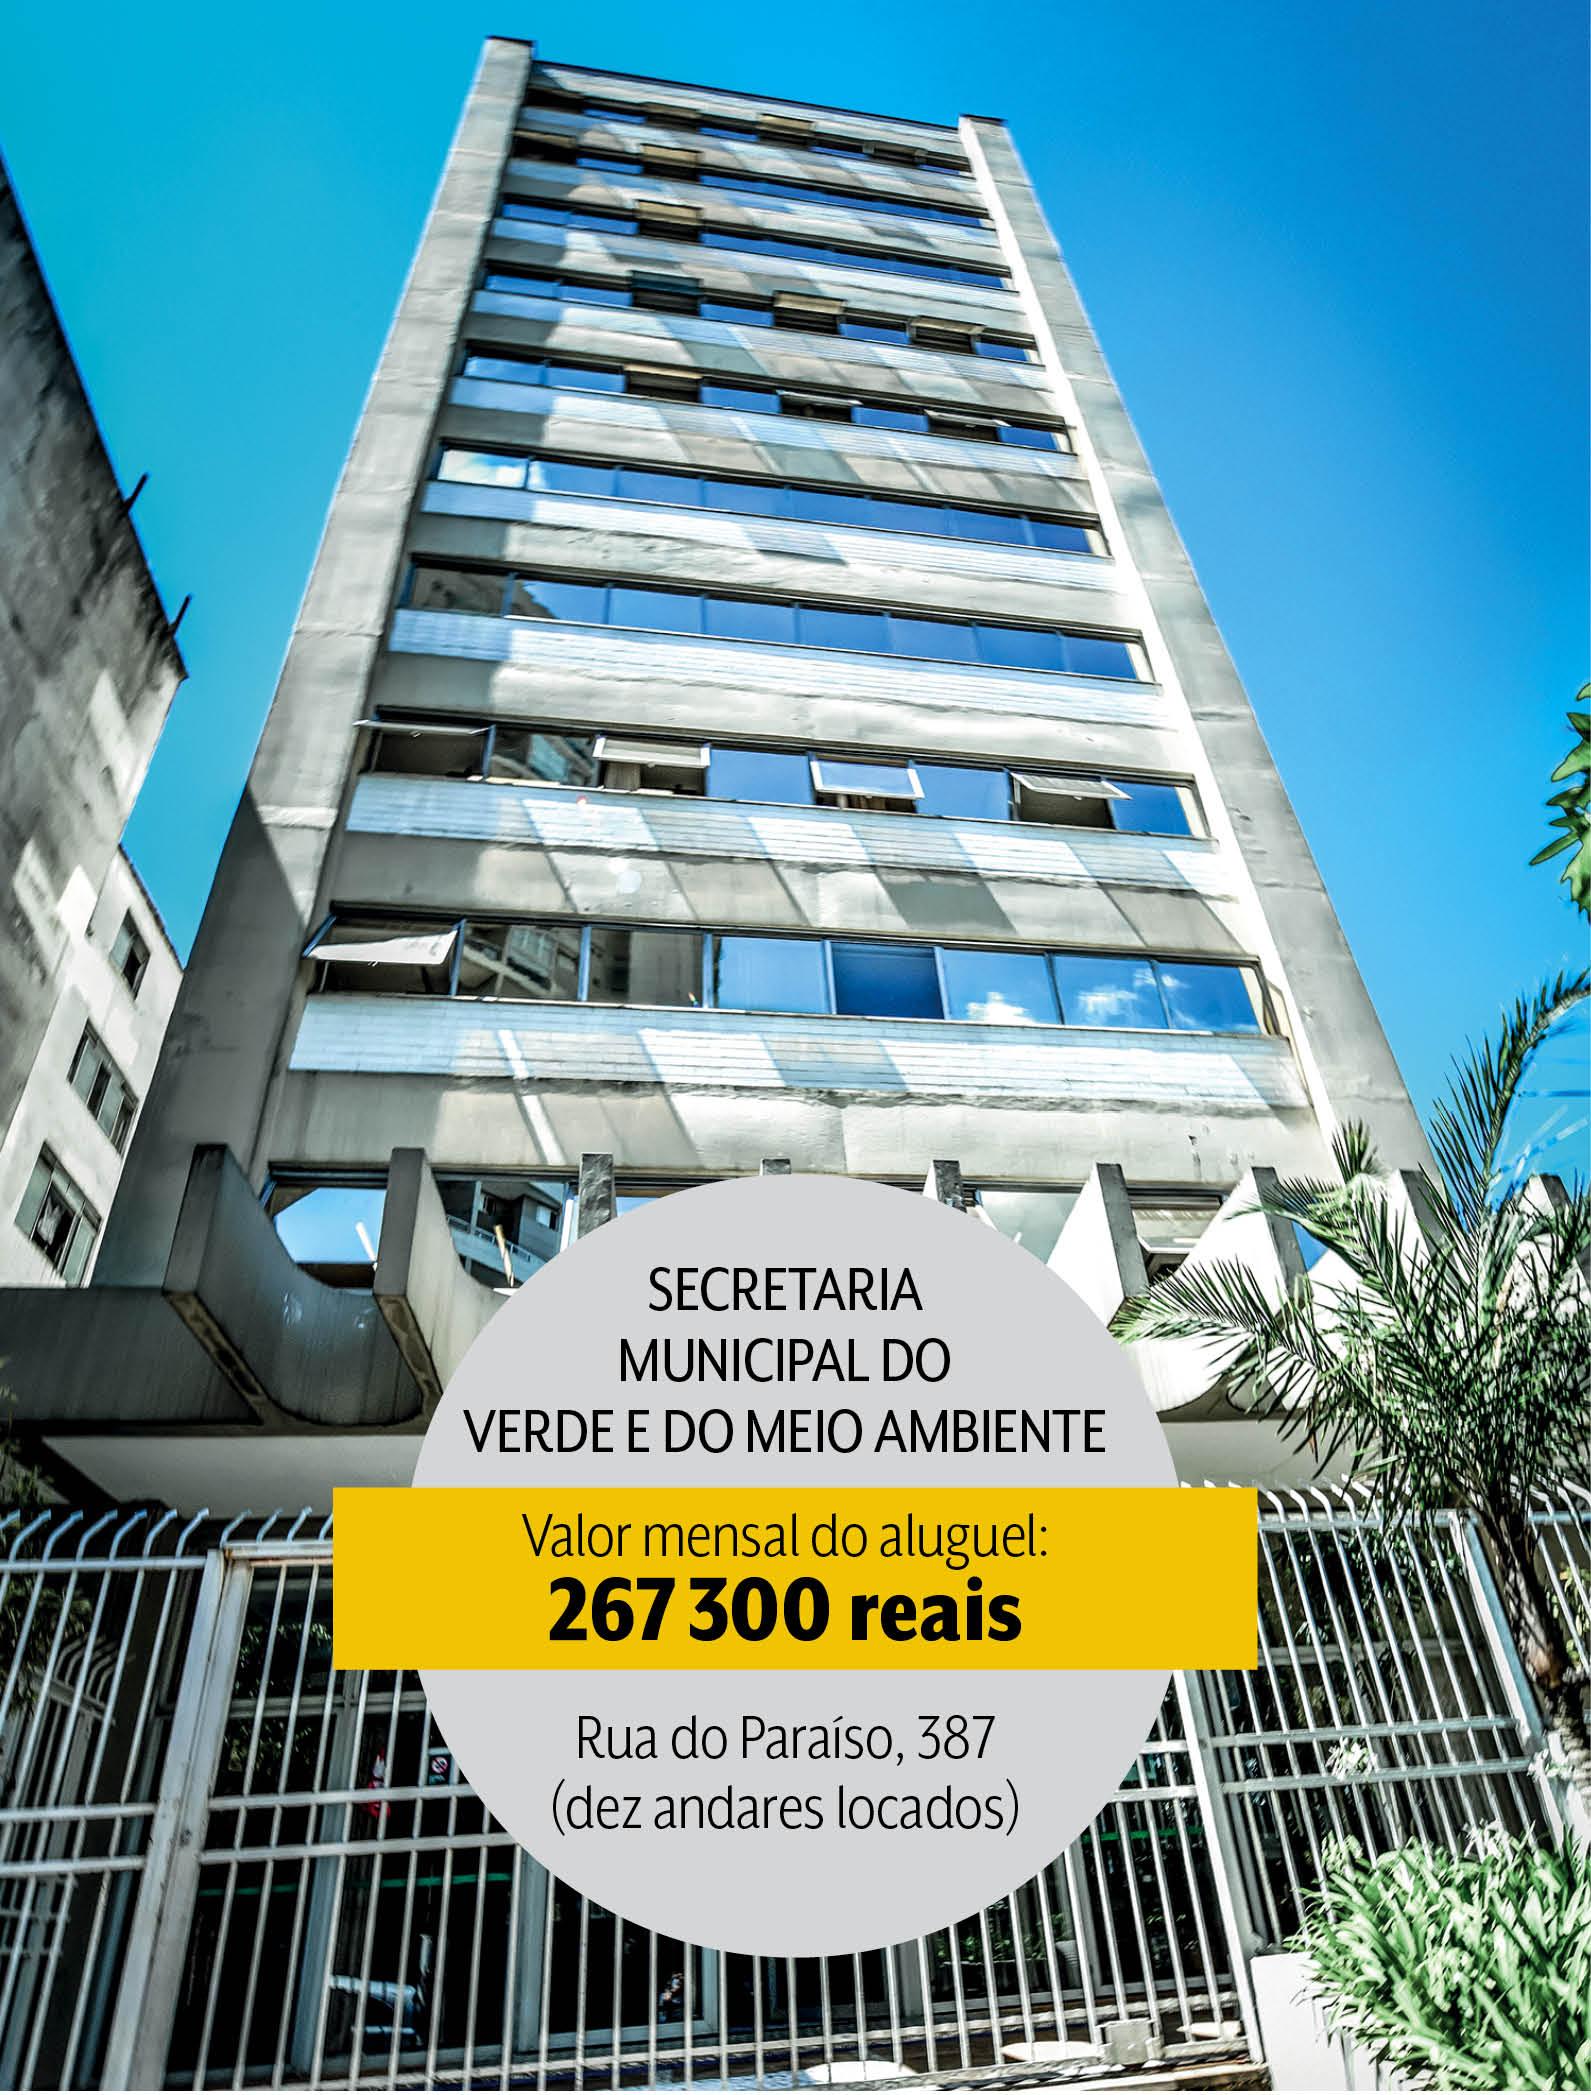 Secretaria Municipal do Verde: dez andares alocados